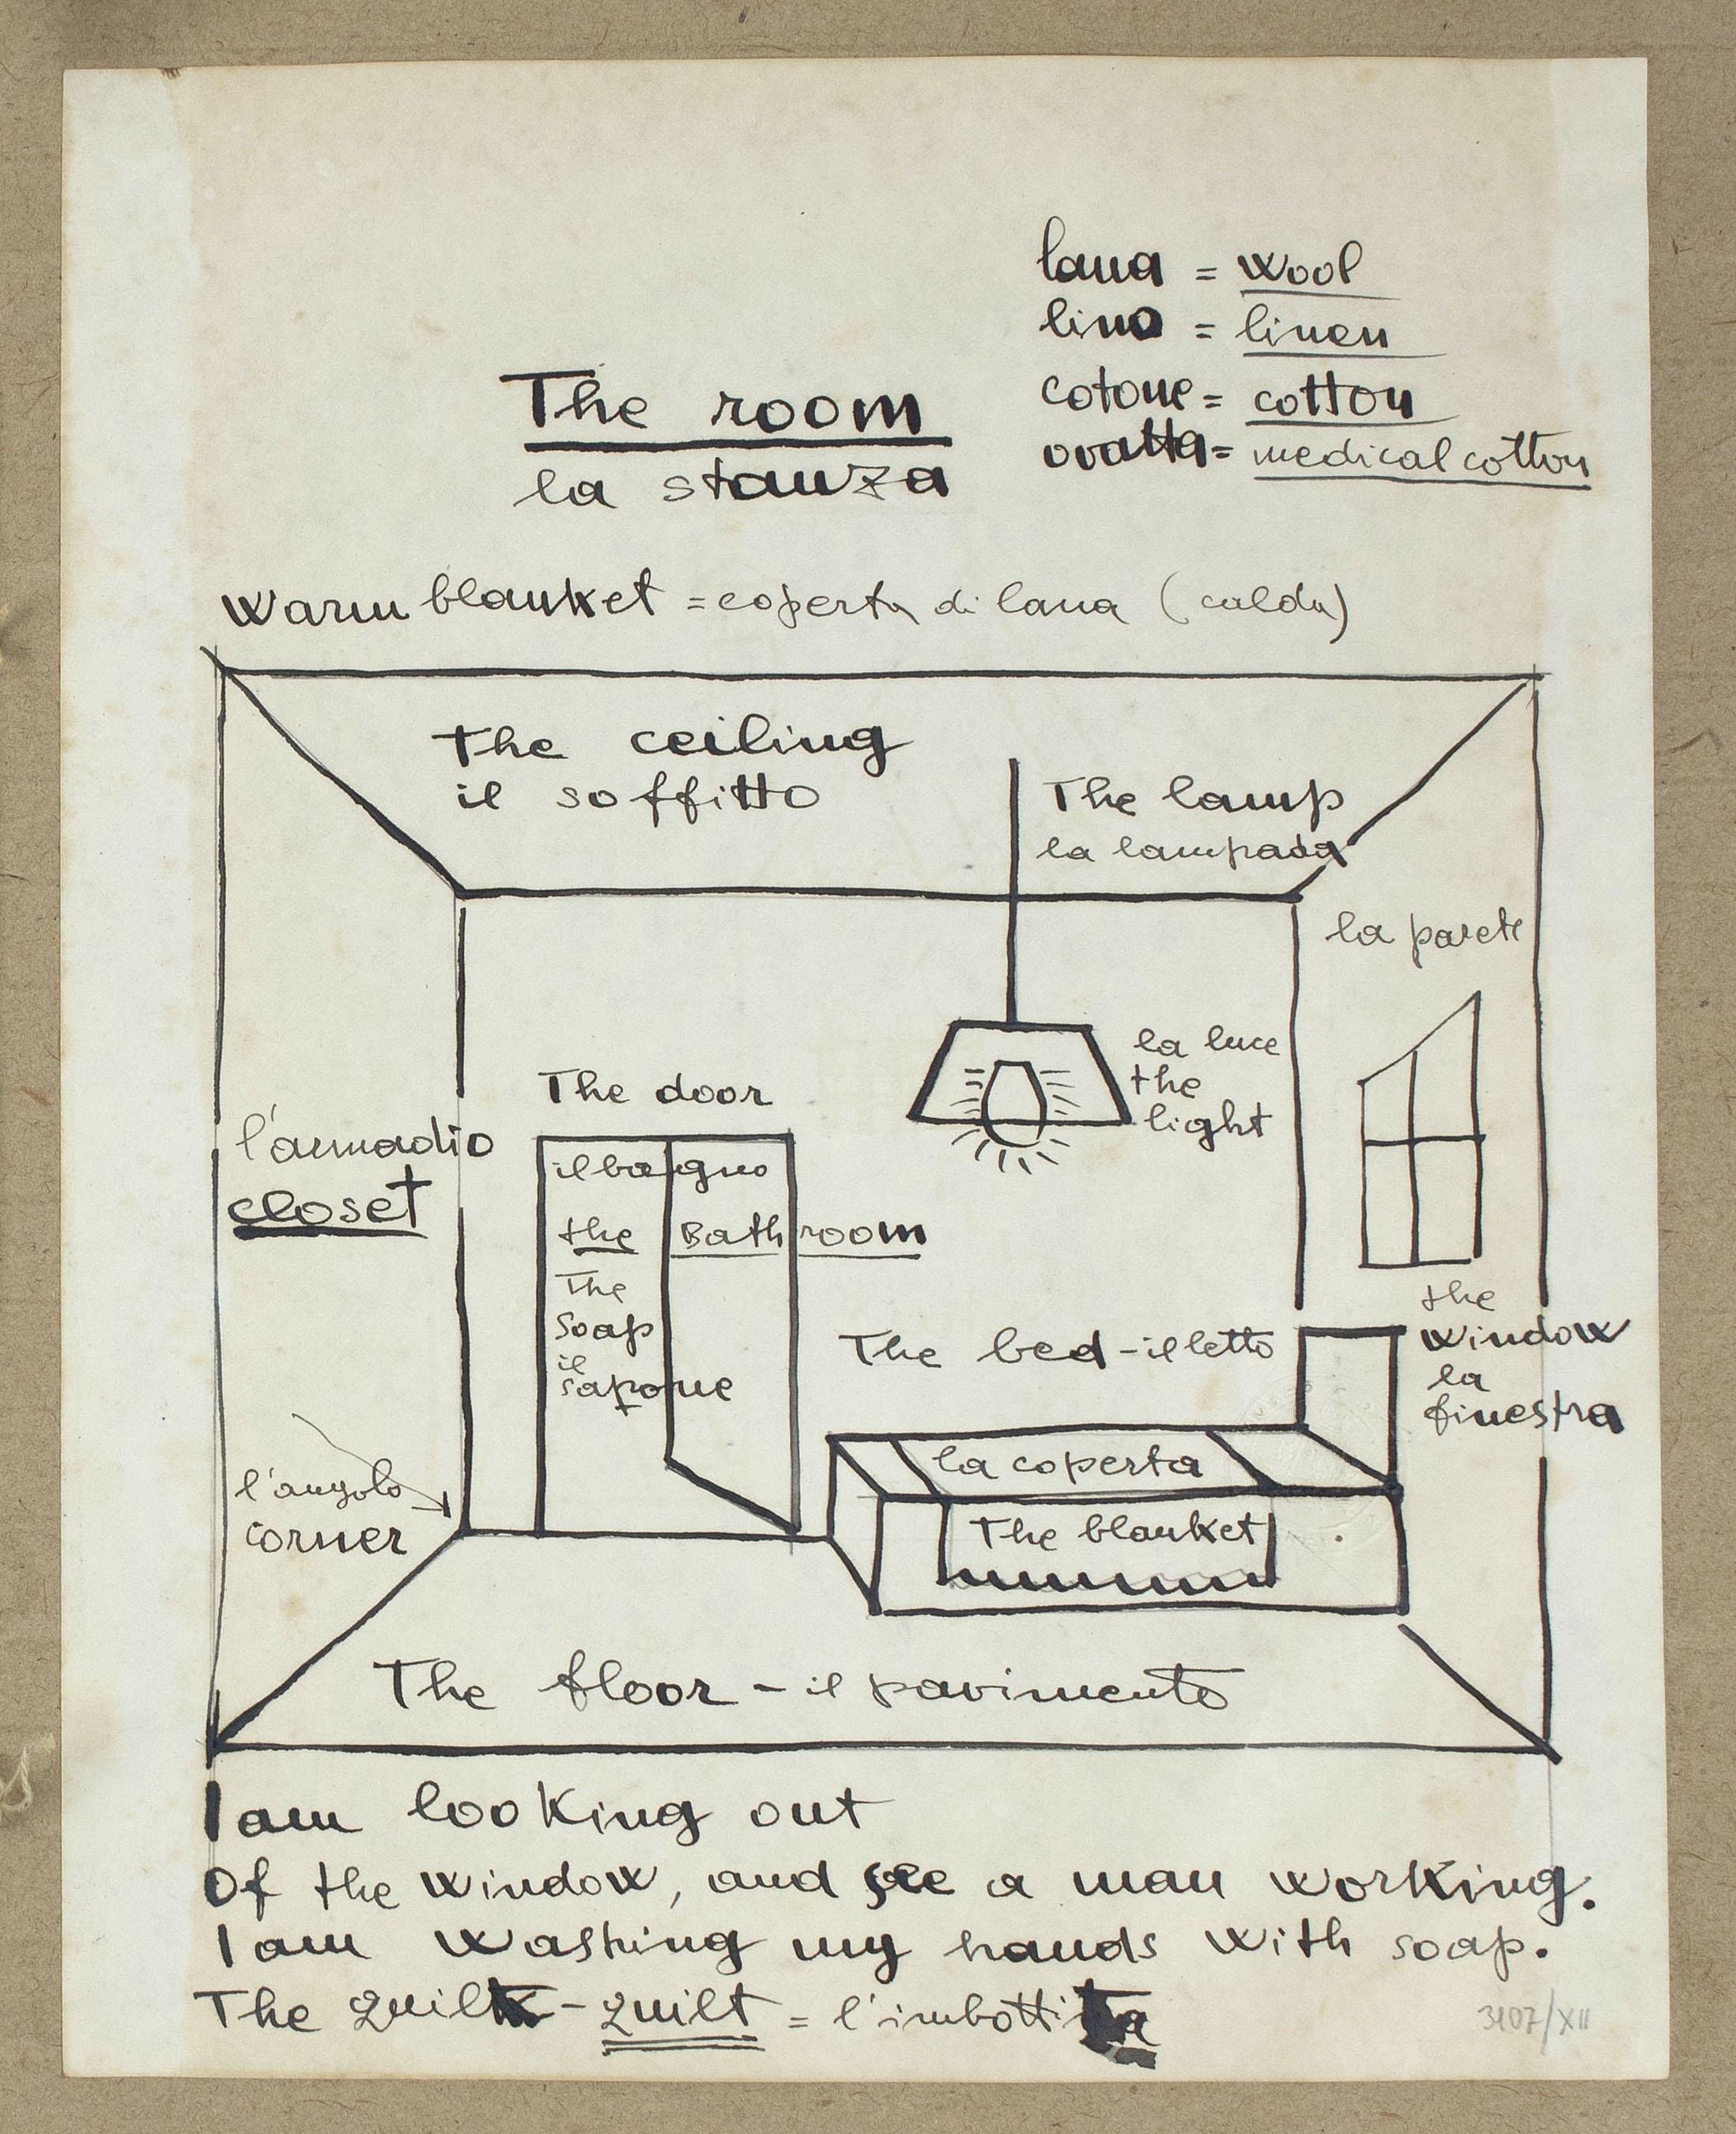 Pagina dal quaderno di esercizi di lingua inglese di Fortunato Depero, 1928 circa